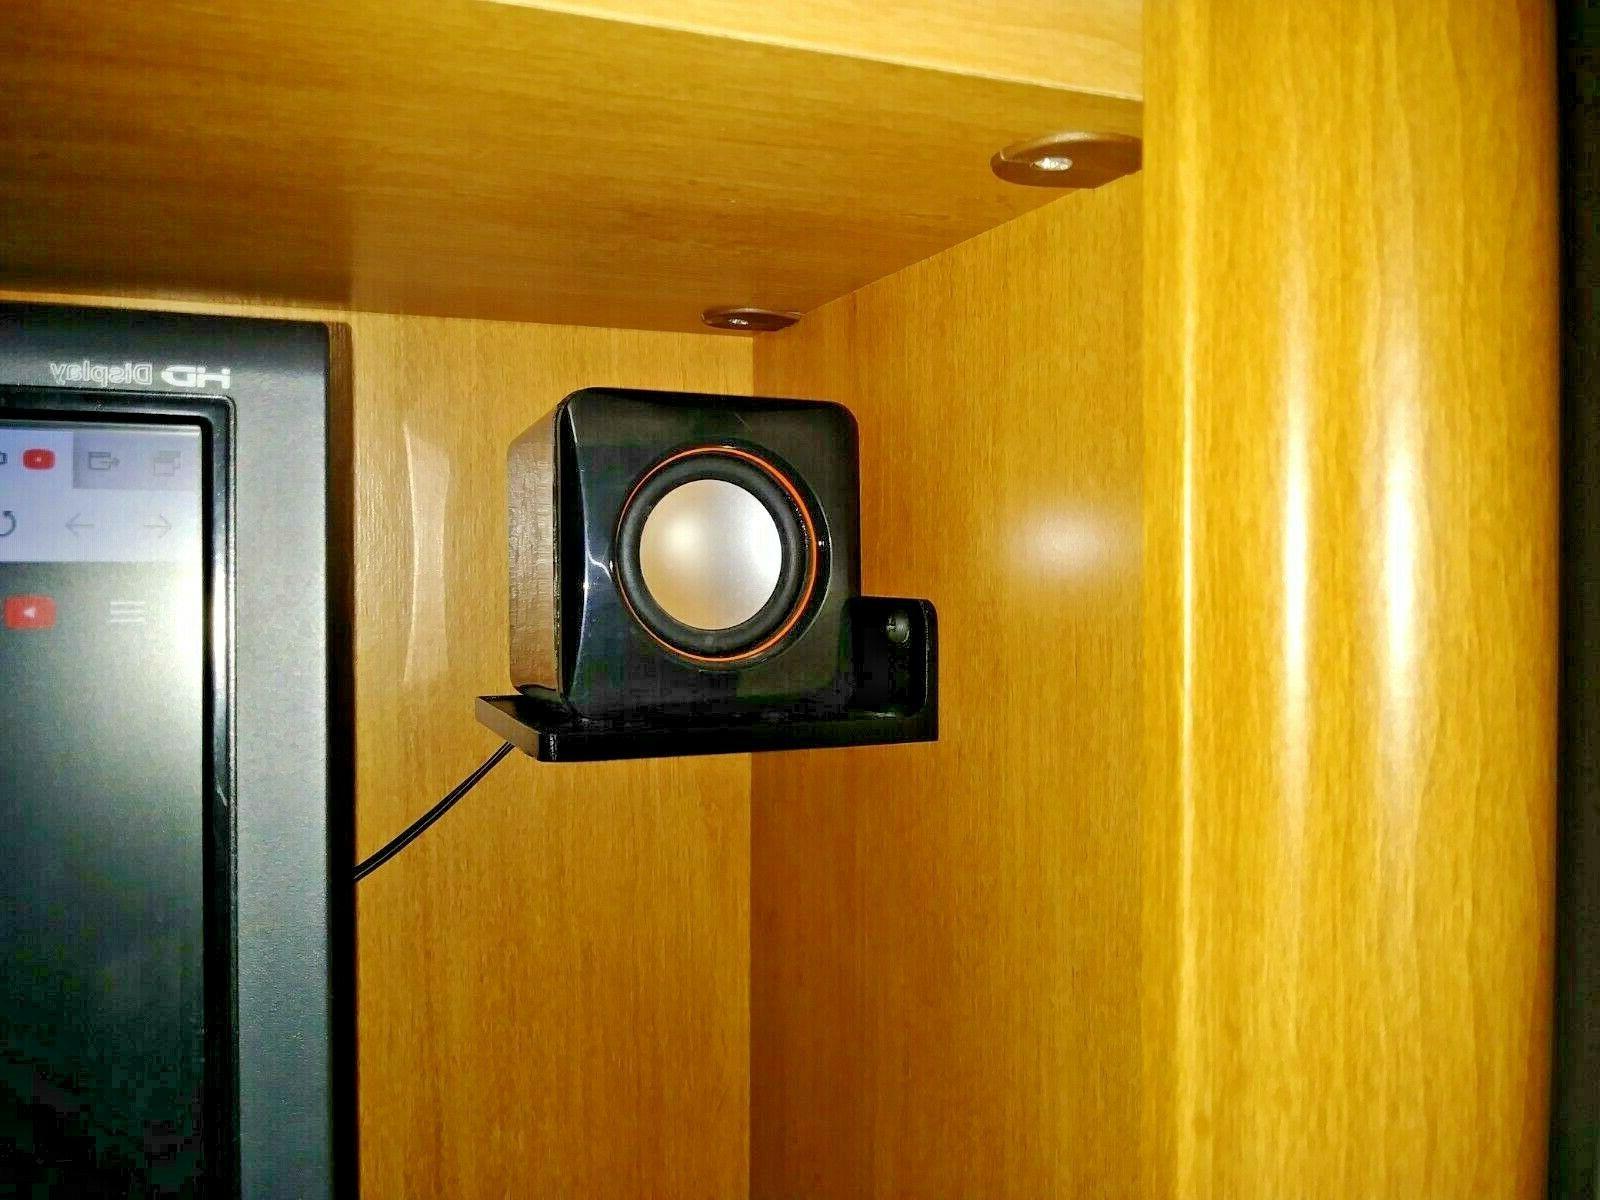 Mini Shelves for PC Speakers - 2pcs